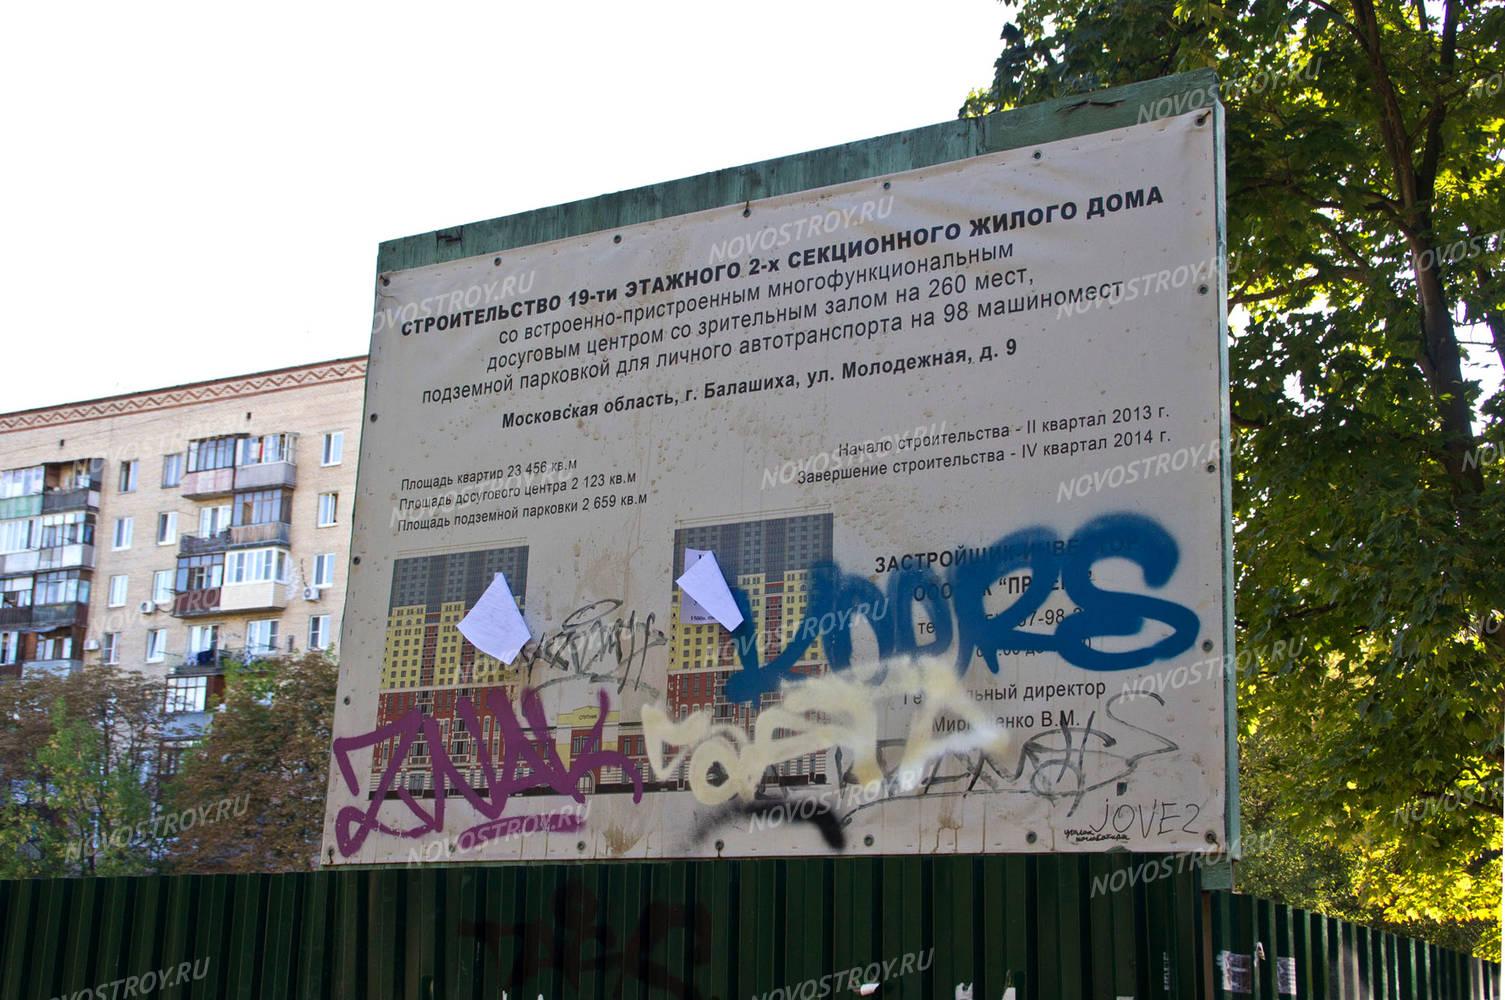 Московская объединенная строительная компания моск строительная компания грант Ижевскский